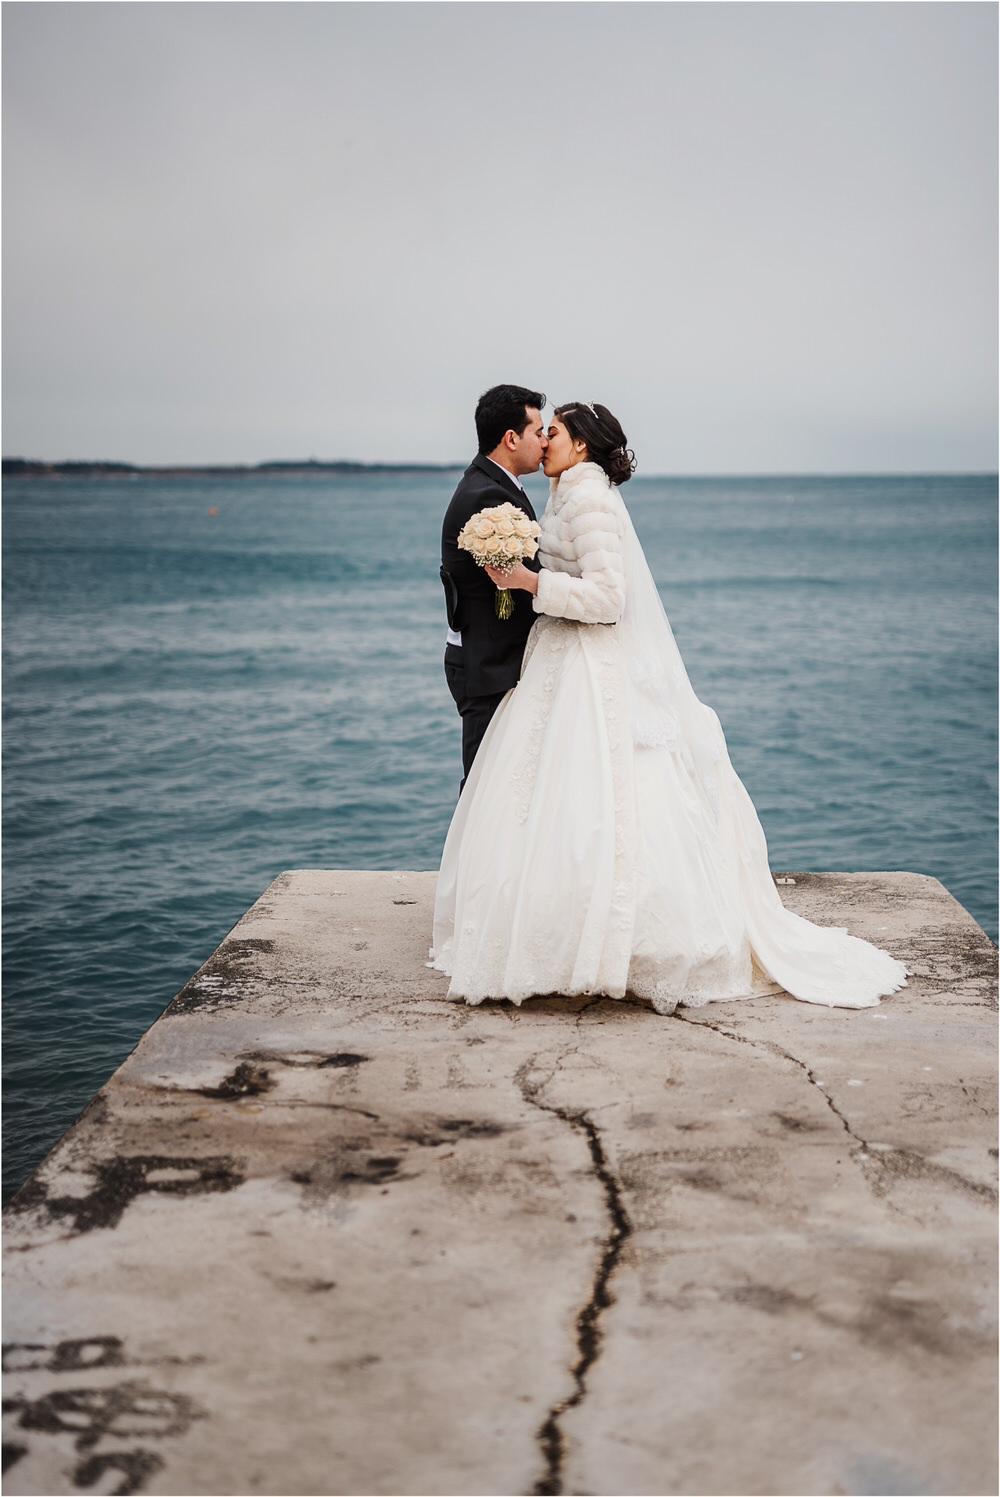 piran slovenia wedding elopement poroka obala portoroz primorska soline secovlje morje beach 0032.jpg